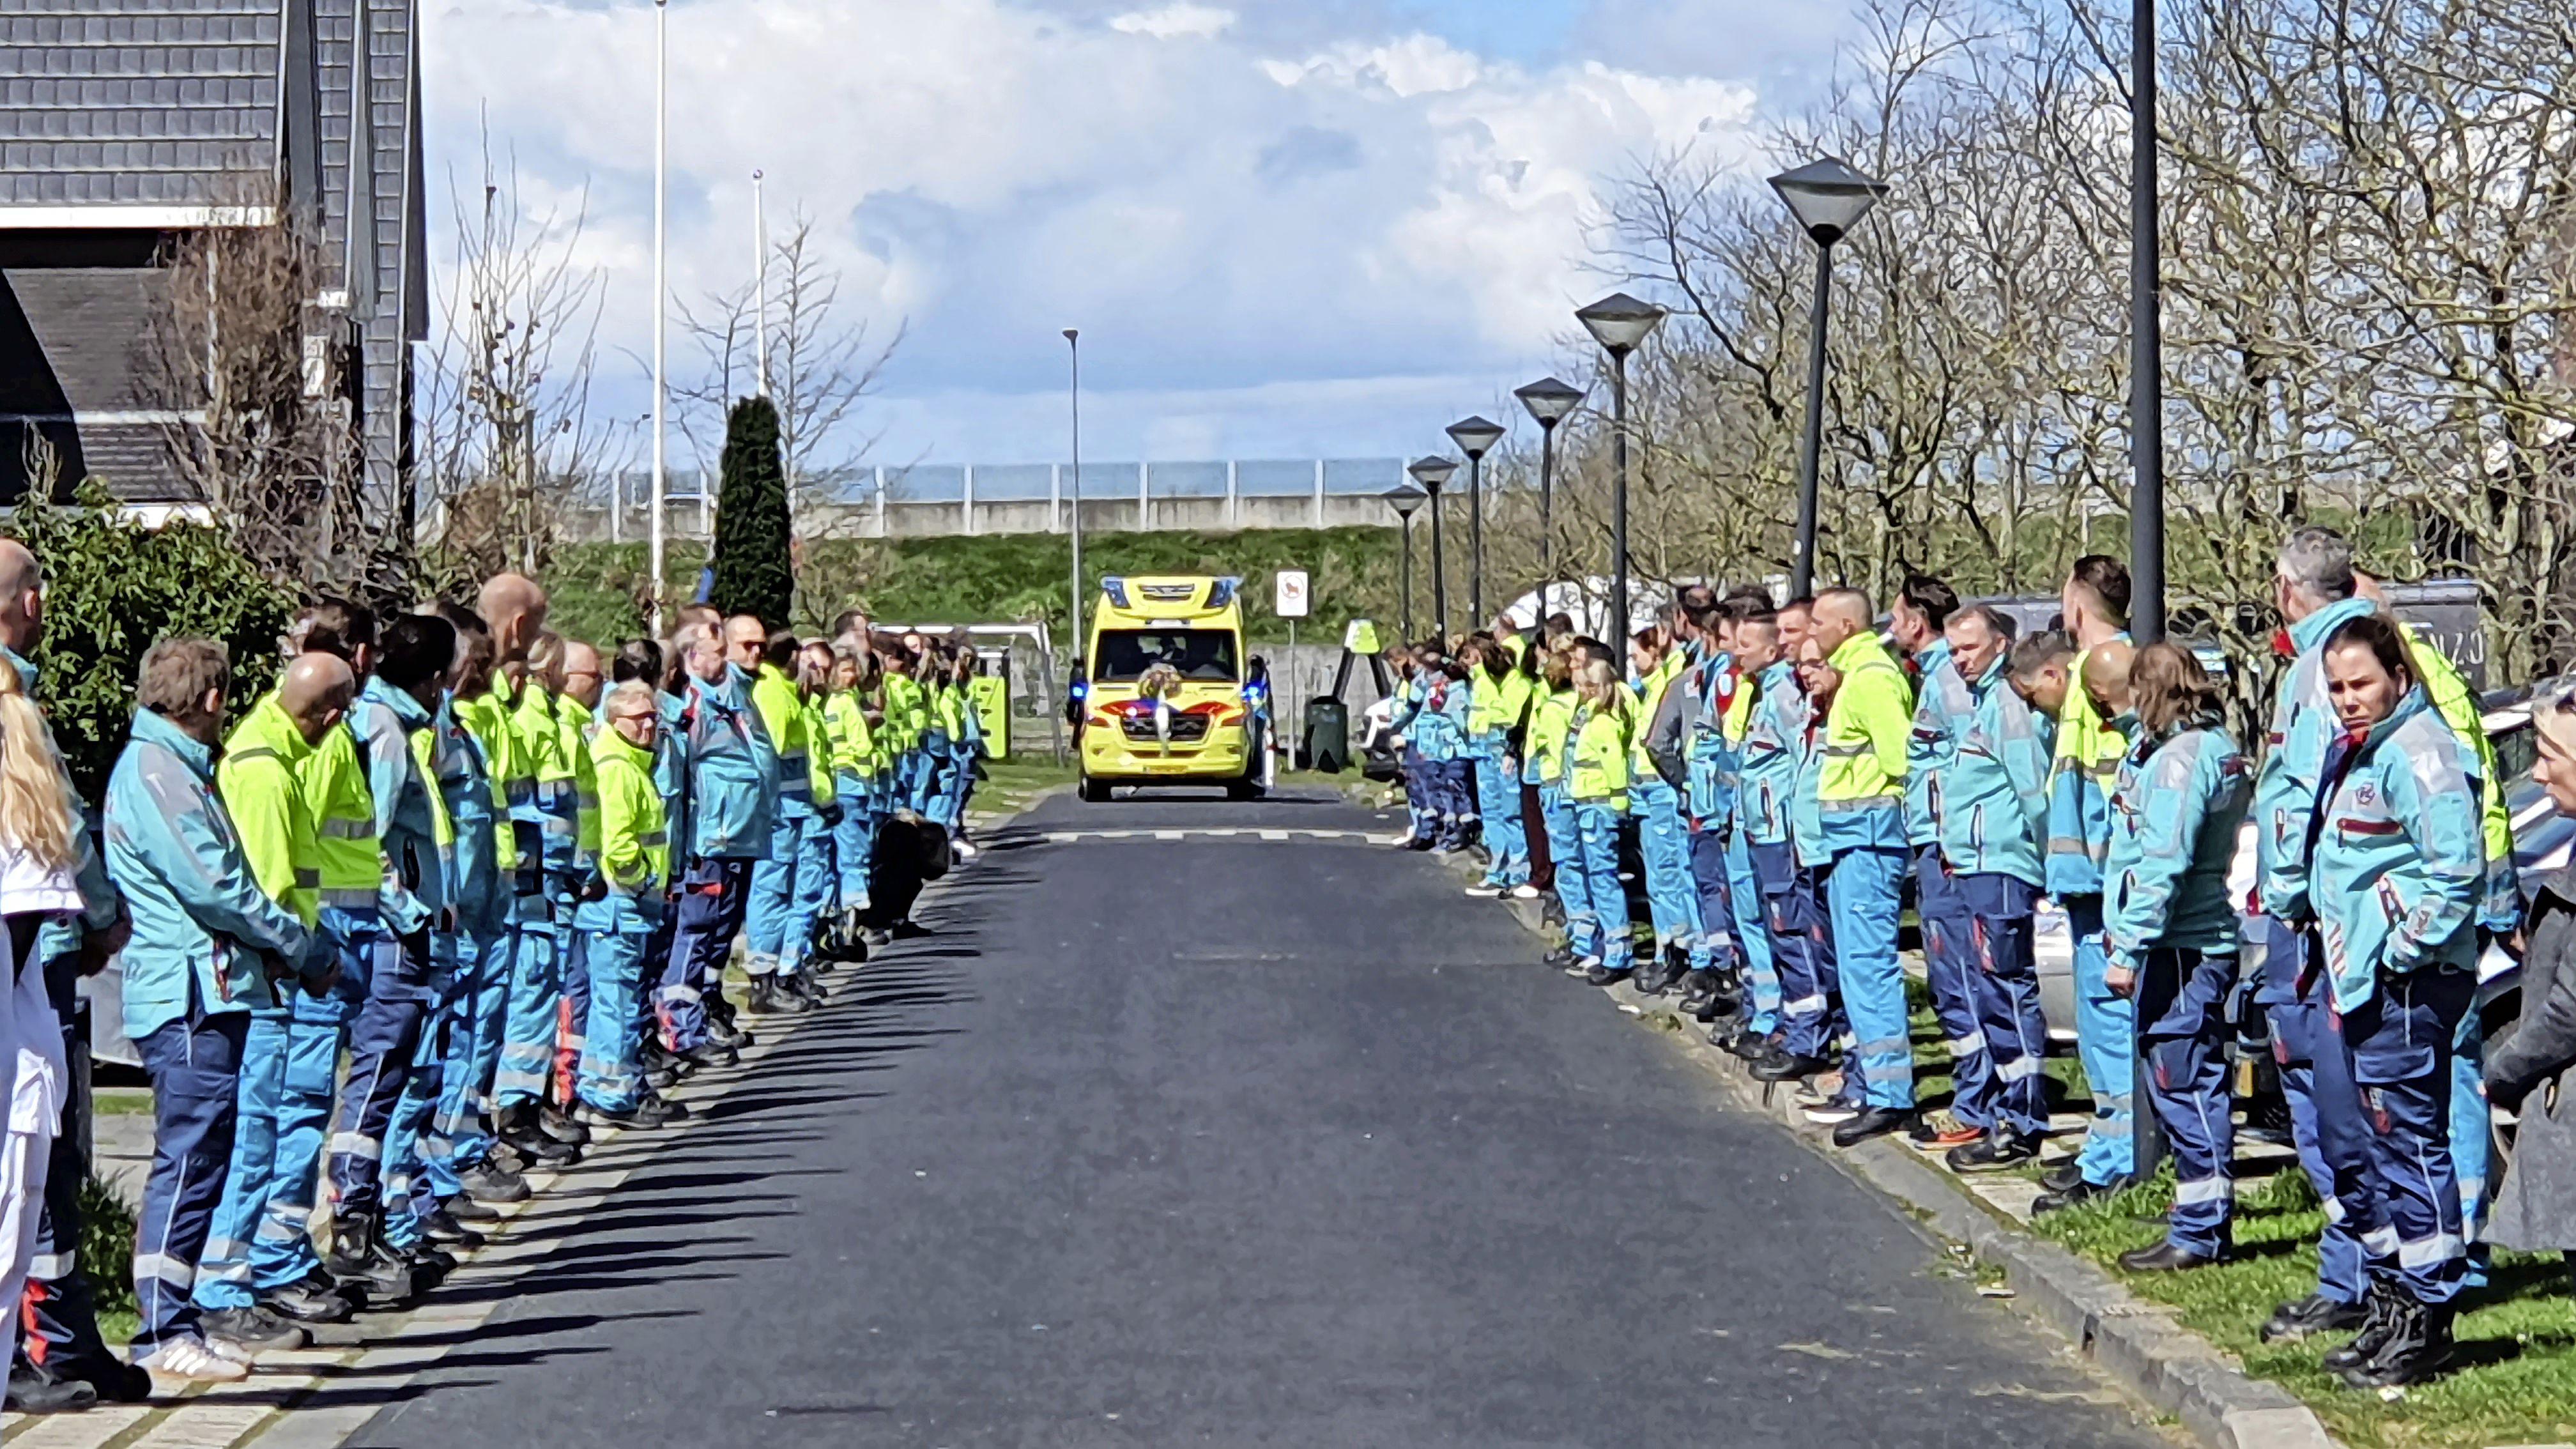 Geliefde ambulanceverpleegkundige Chris Mes (41) uit Zwaag overlijdt plotseling, zijn gezin blijft verslagen achter. Collega's uit hele land organiseren een erehaag 'in uniform' [video]